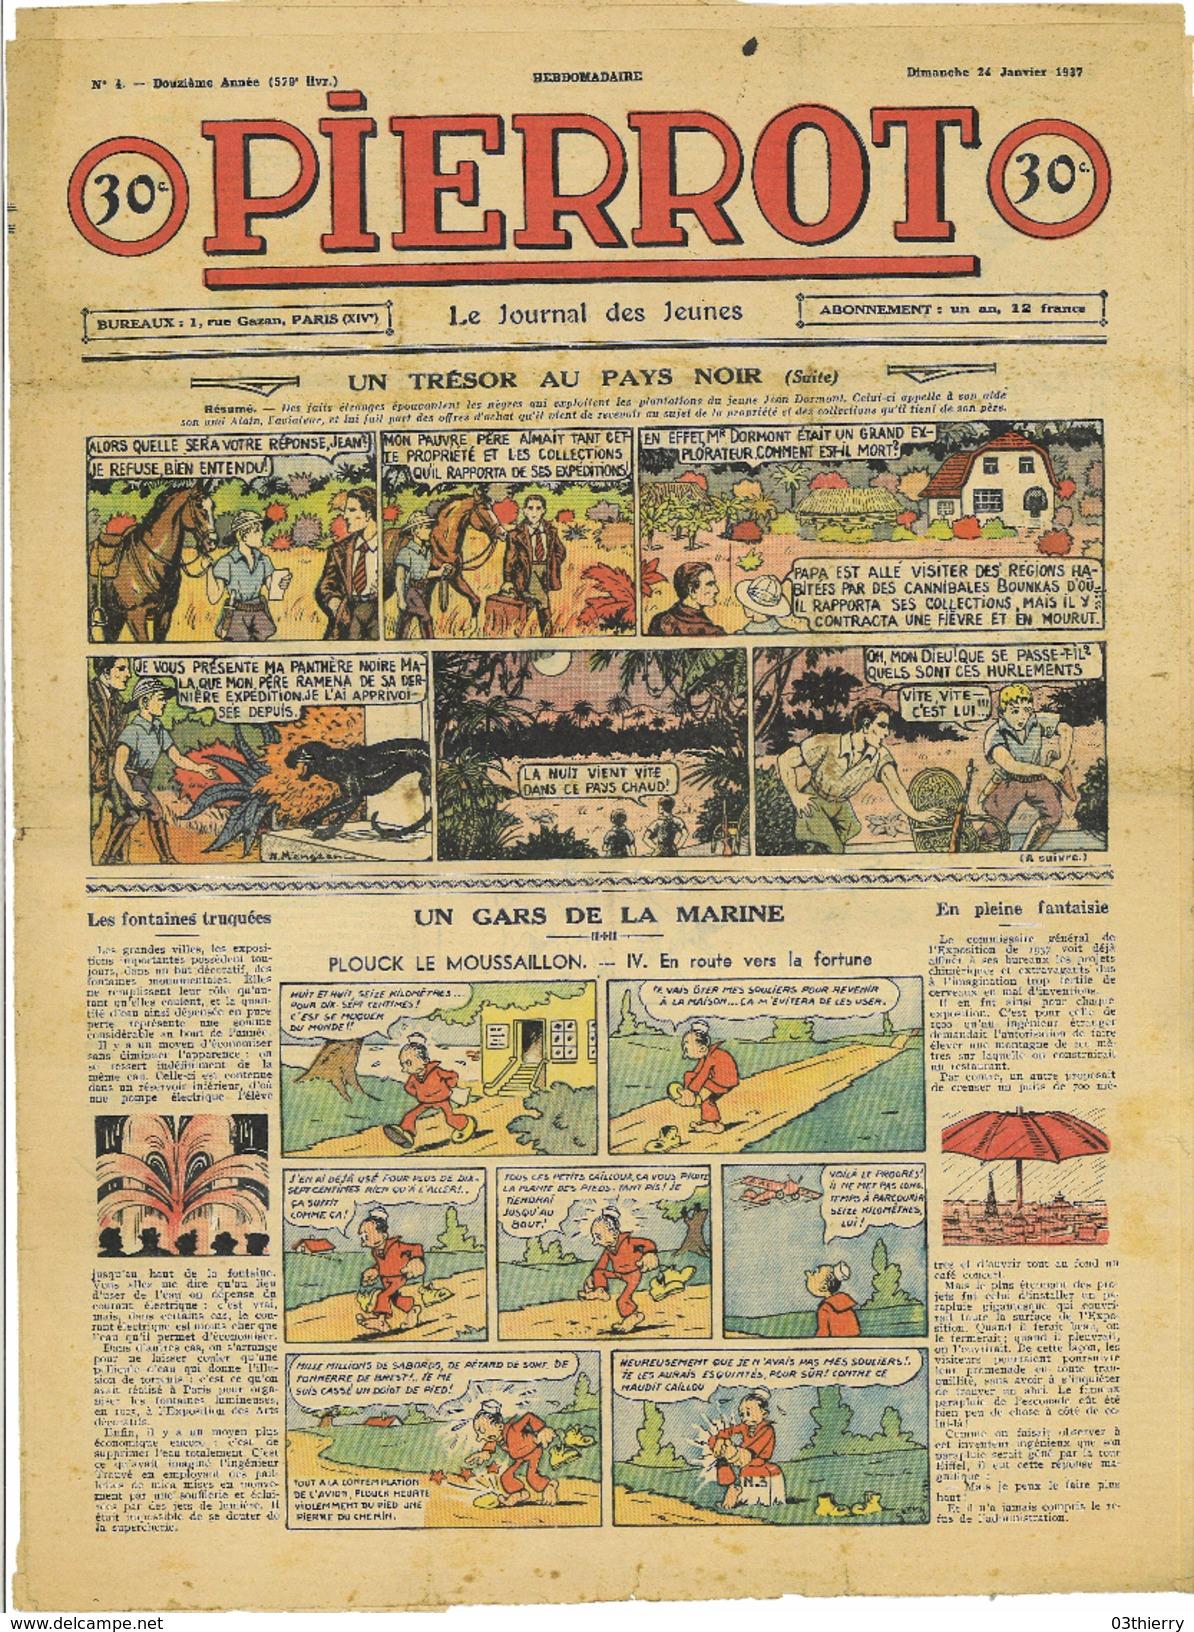 JOURNAL PIERROT N°4 12eme ANNEE 24 JANVIER 1937 UN TRESOR AU PAYS NOIR - Livres, BD, Revues